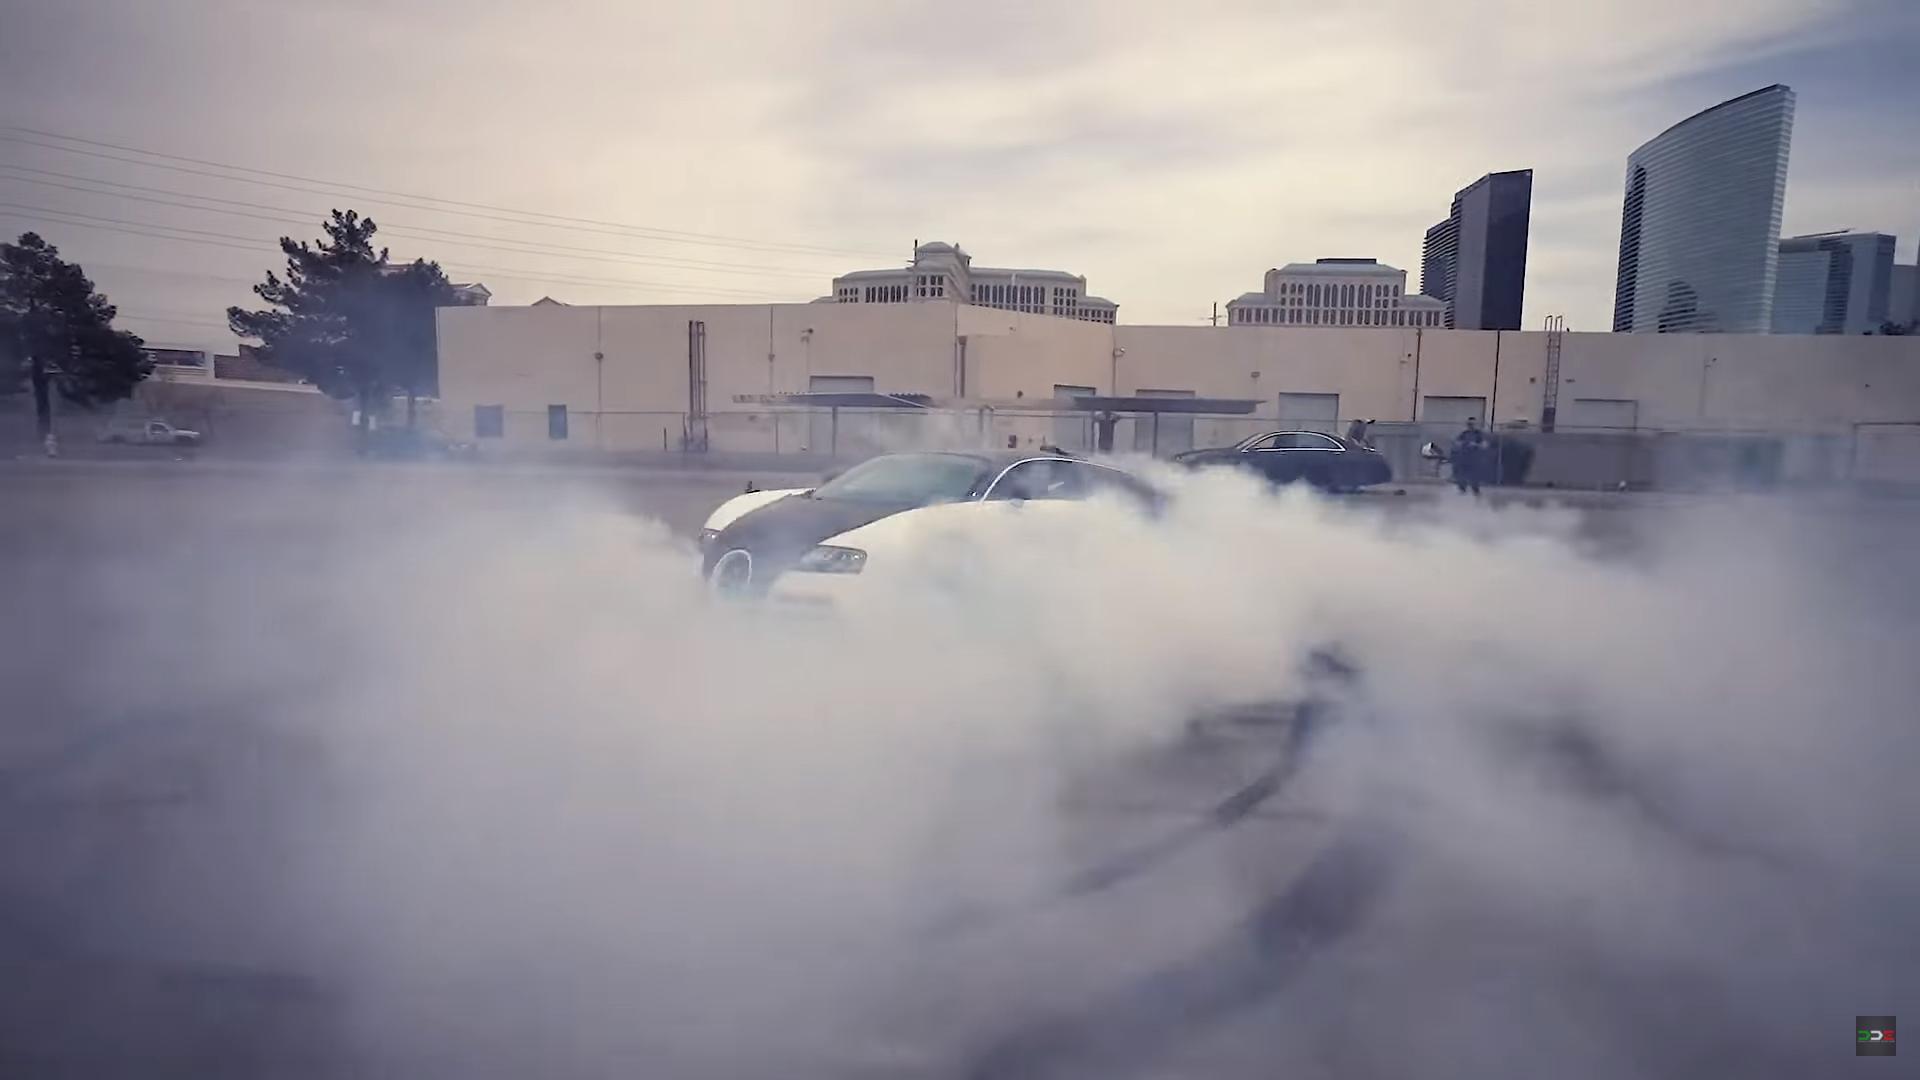 Bugatti Veyron Burnout